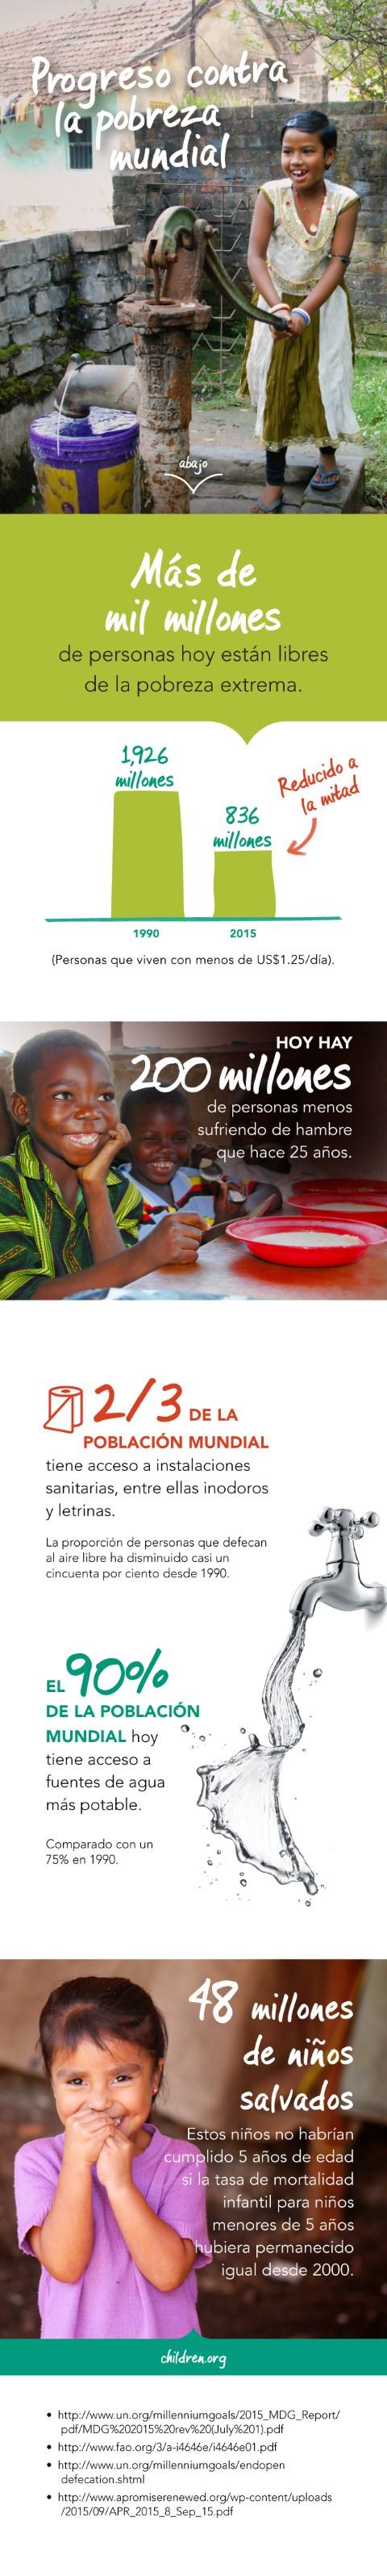 Progreso contra la pobreza